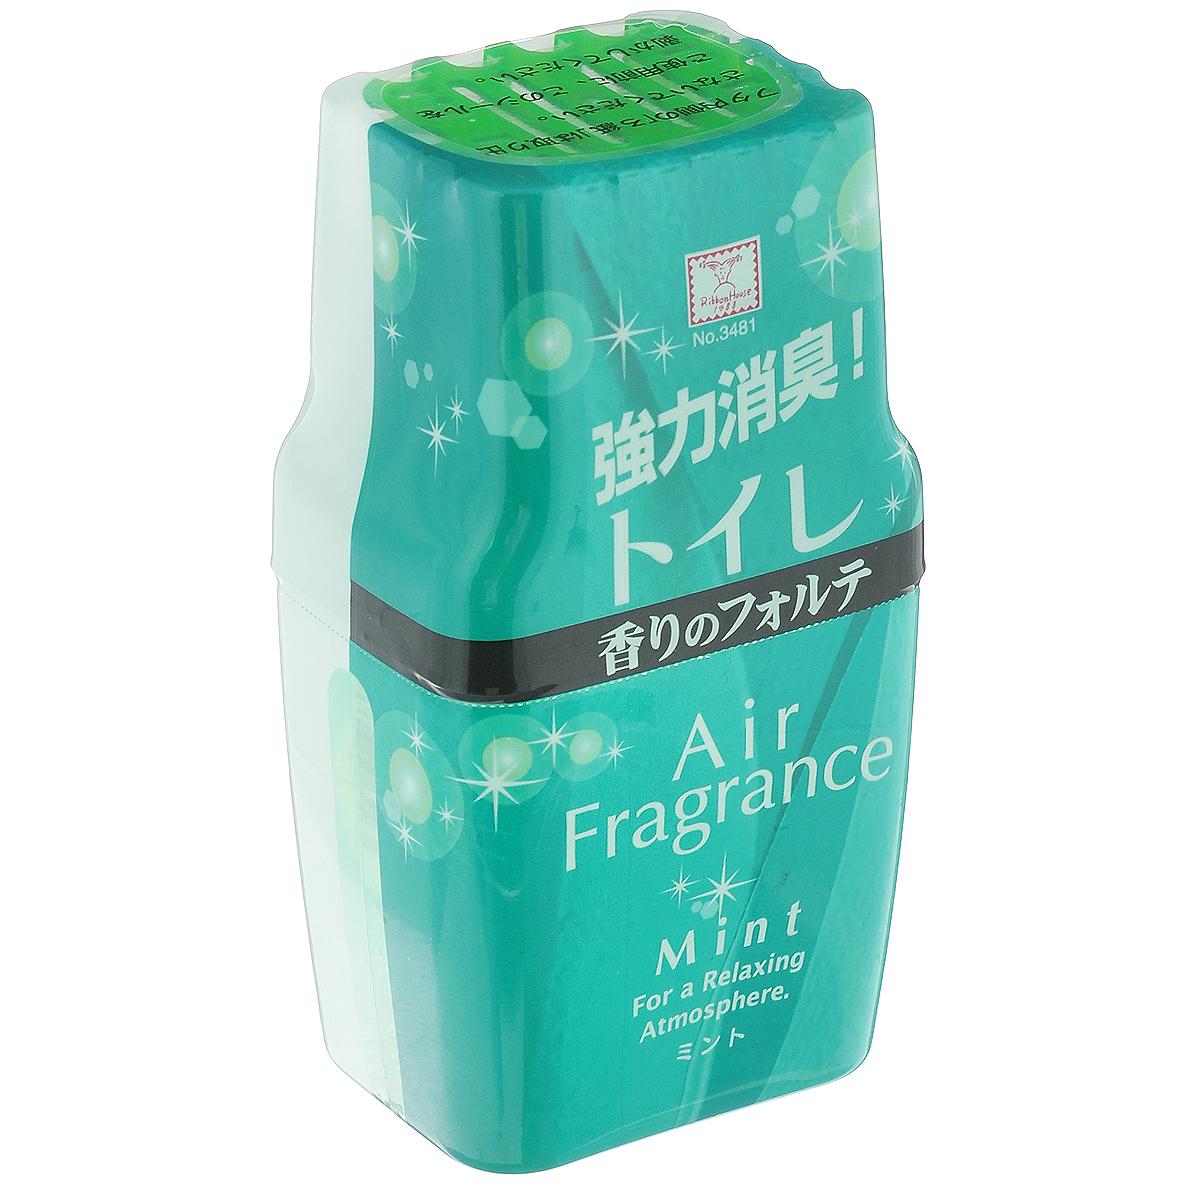 Фильтр посторонних запахов в туалете KOKUBO Air Fragrance, с ароматом мяты, 200 млVT-1520(SR)Фильтр посторонних запахов KOKUBO Air Fragrance с ароматом мяты предназначен для устранения неприятного запаха в туалете. Дезодорирующие компоненты фильтра посторонних запахов легко и быстро распространяются по всему пространству помещения, активизируются при наличии в воздухе неприятных запахов, обволакивают и нейтрализуют их.Имеет универсальный дизайн, подходящий для любой комнаты. Безопасен в применении. Состав: дезодорант на жидкой основе, ПАВ (нейтрализаторы запаха), отдушка высокого качества, ПАВ (неионогенные < 5%, анионные < 2%).